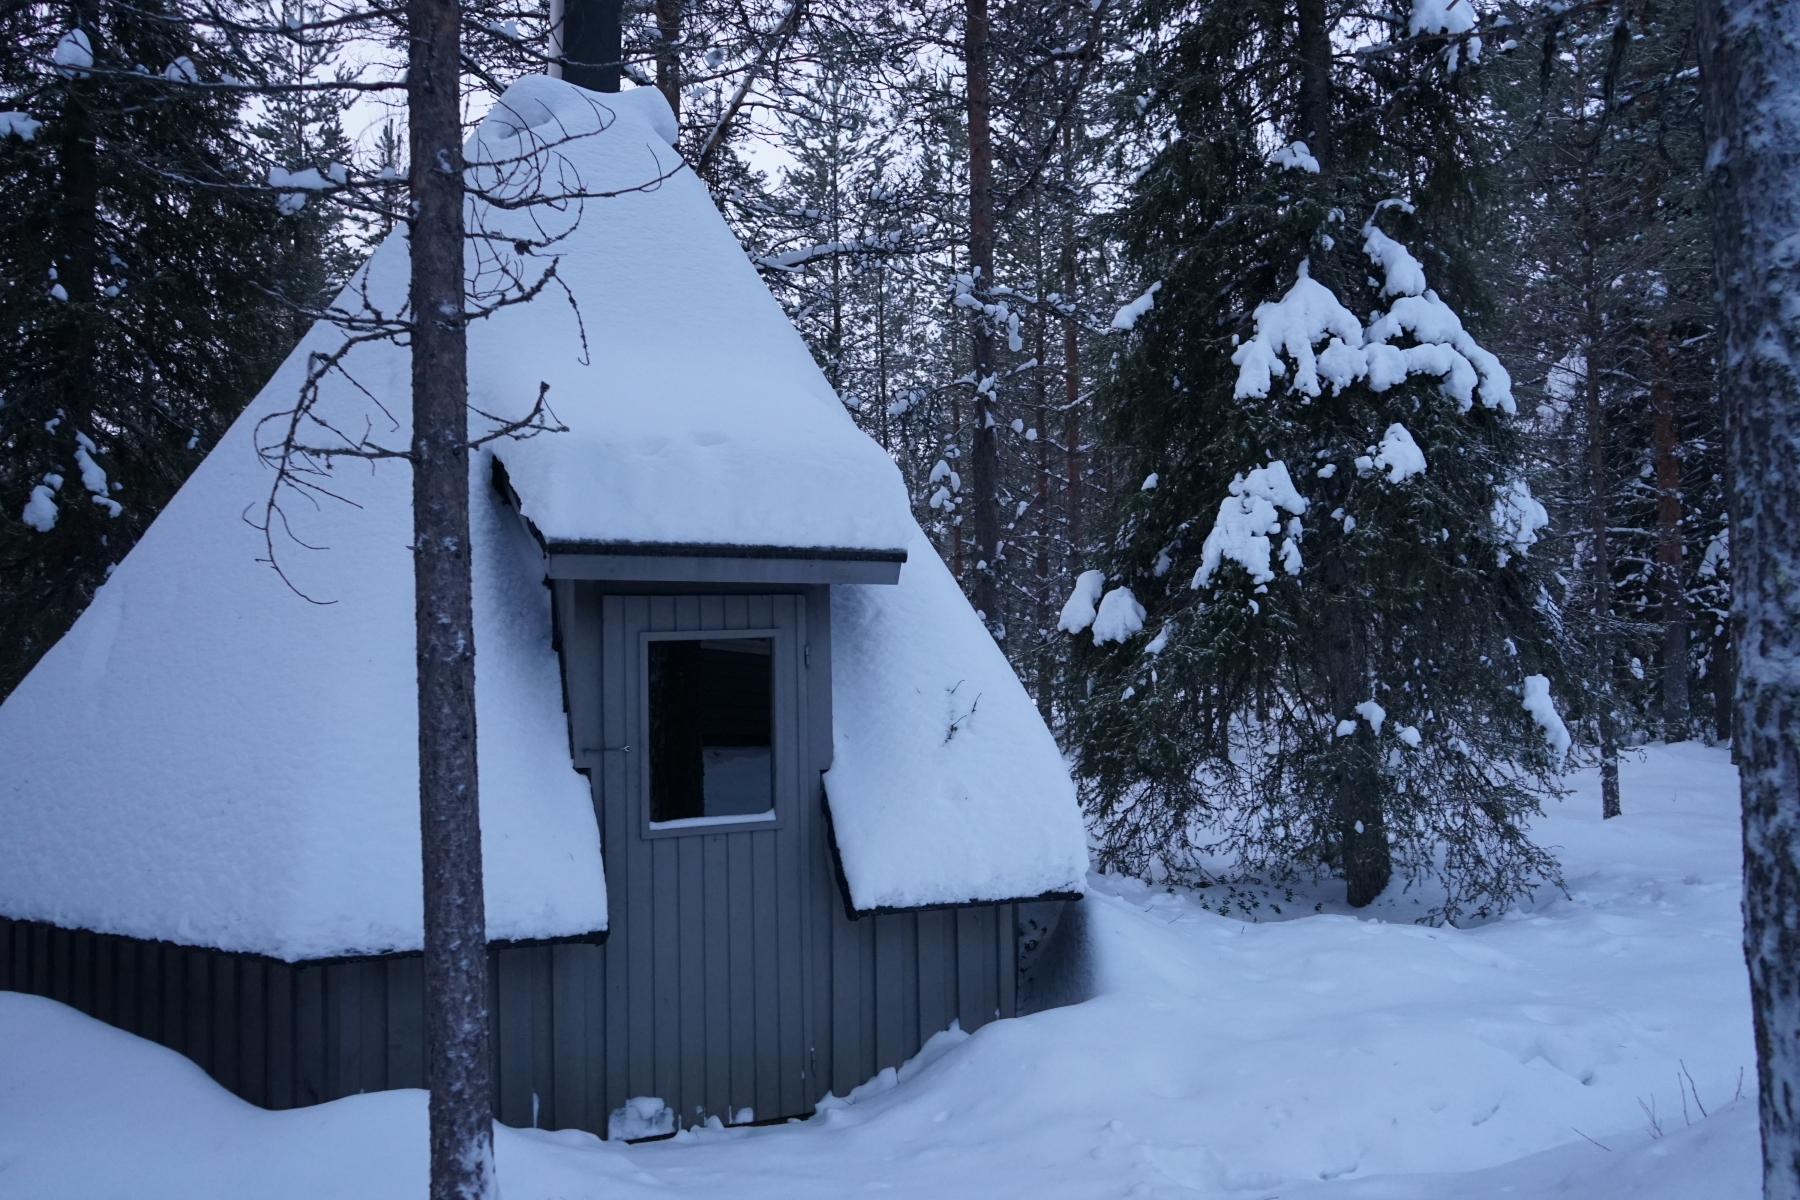 kota winter